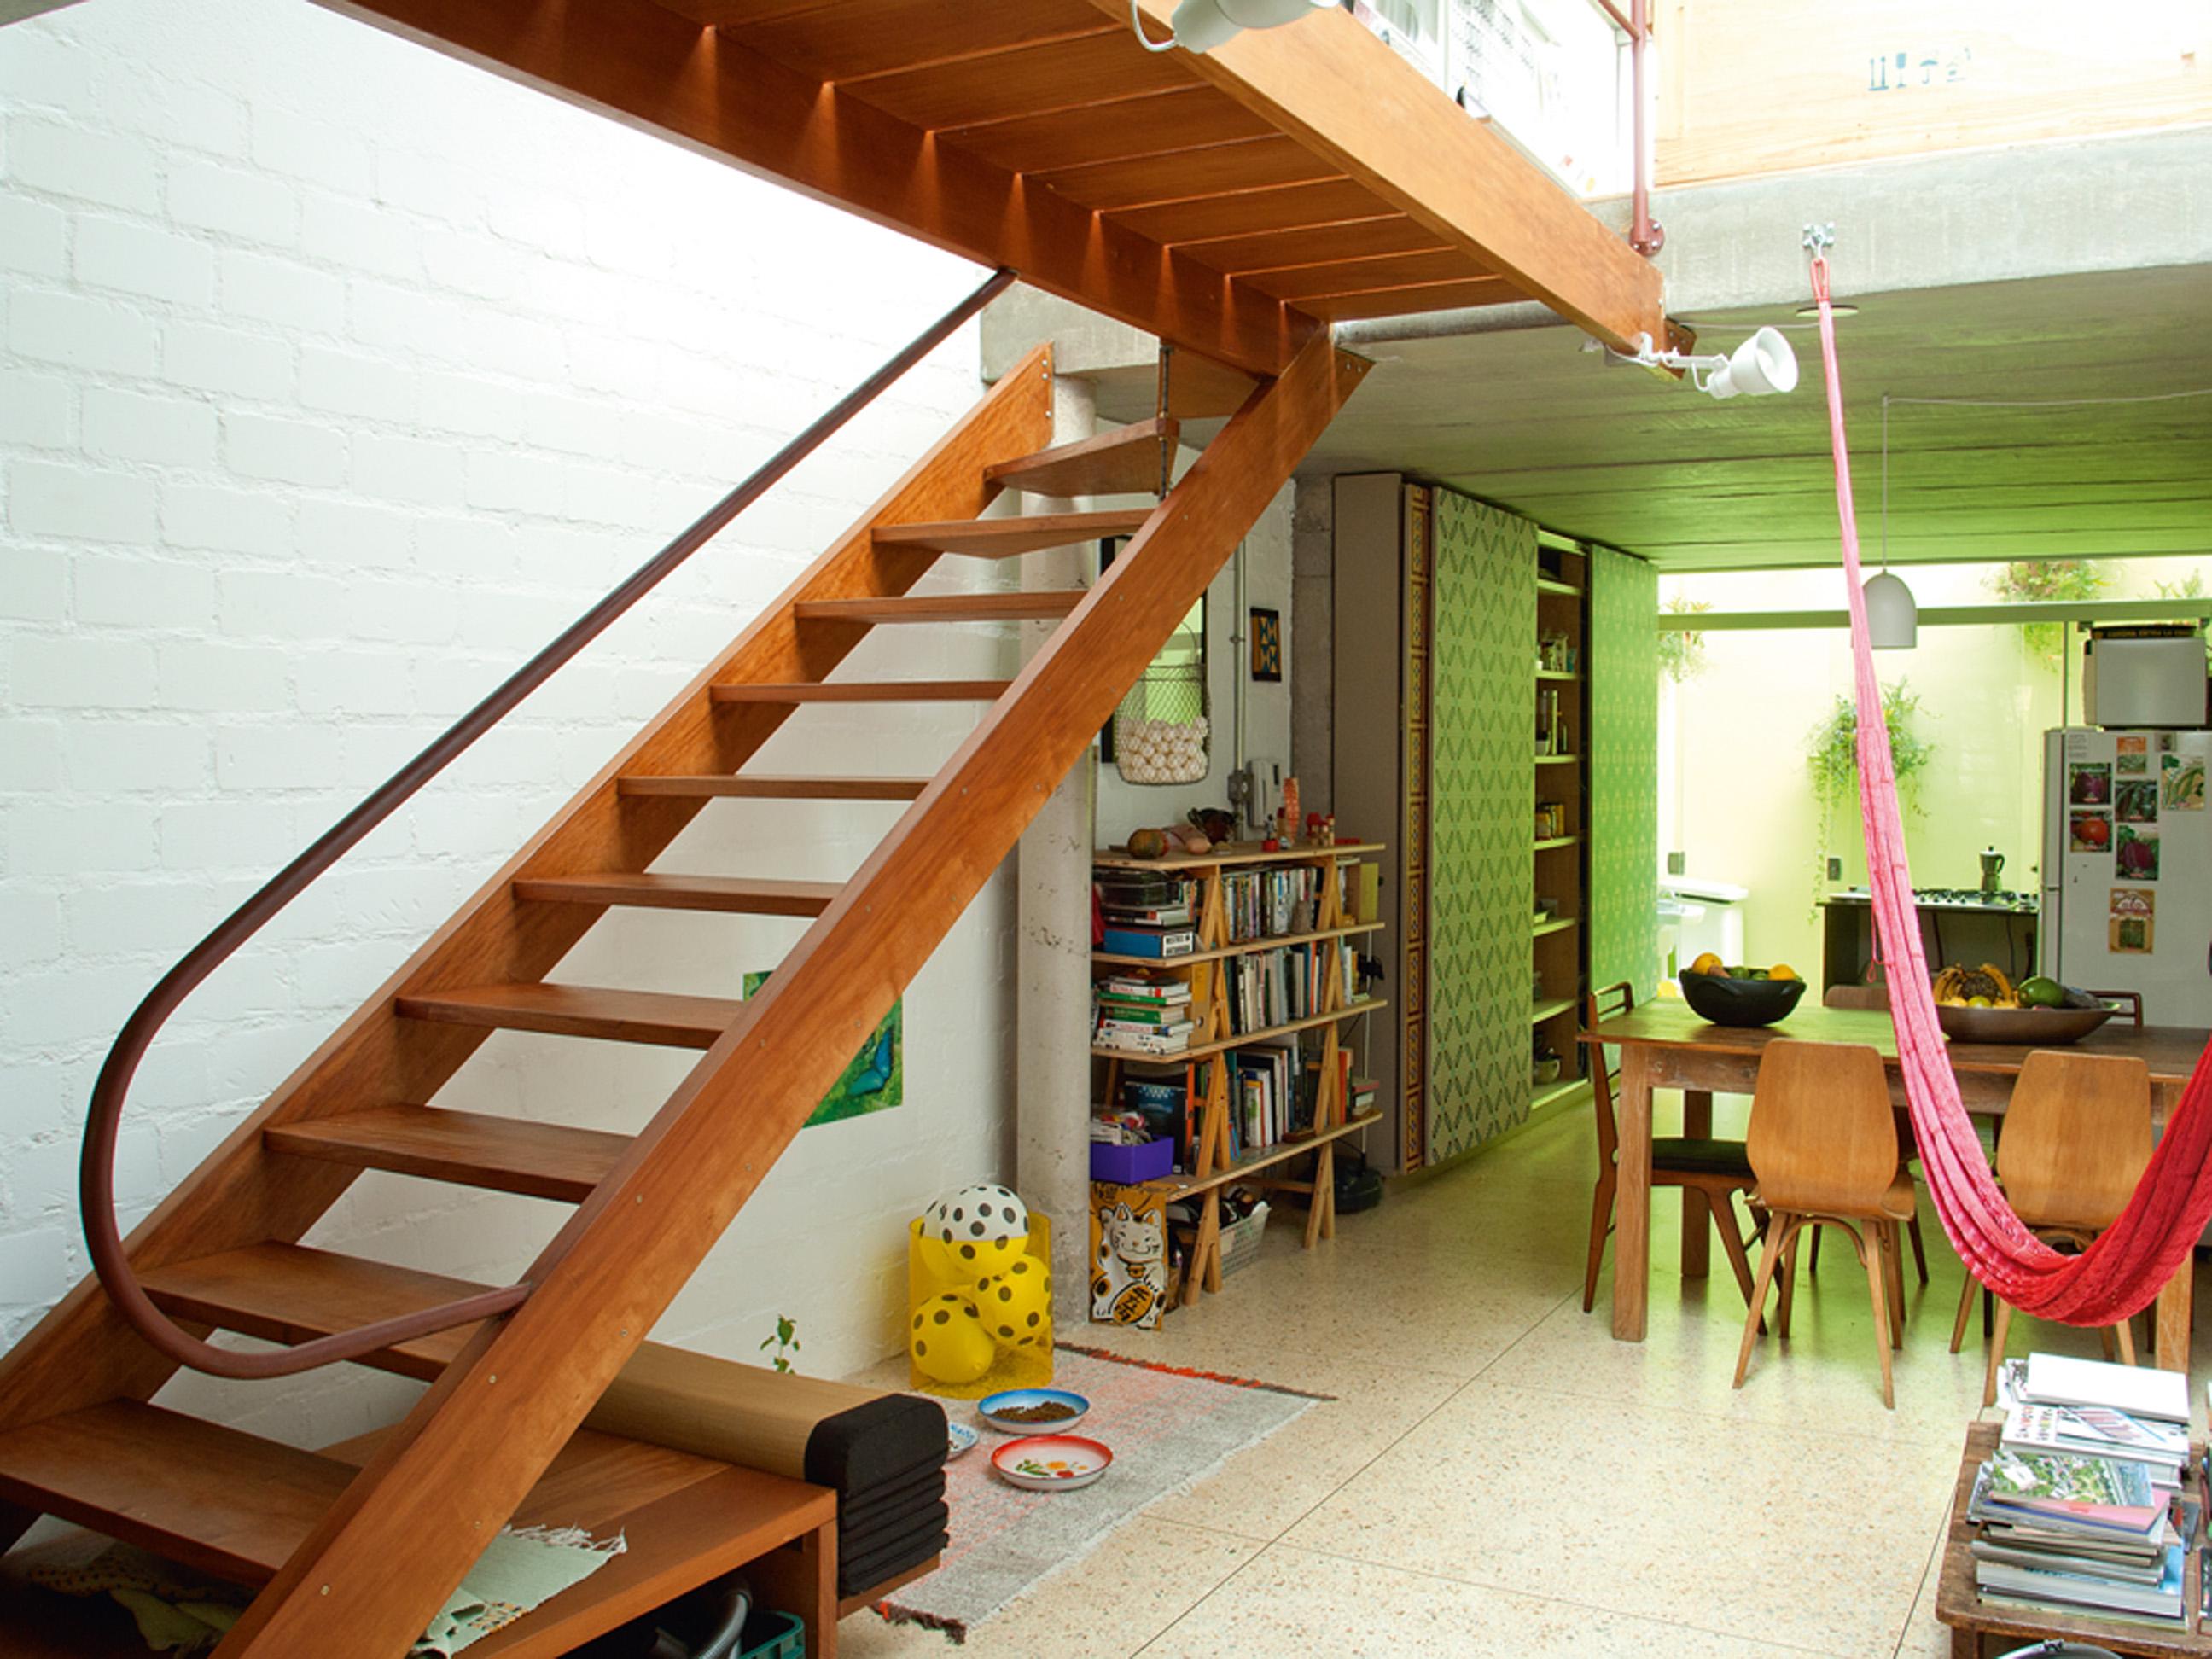 Composição - Escada executada pela Marcenaria Pissolato. A rede faz parte da obra de Hector Zamora exibida em Nagoya, Japão, em 2010. Acima da estante, obra Ping poem, de Lenora de Barros